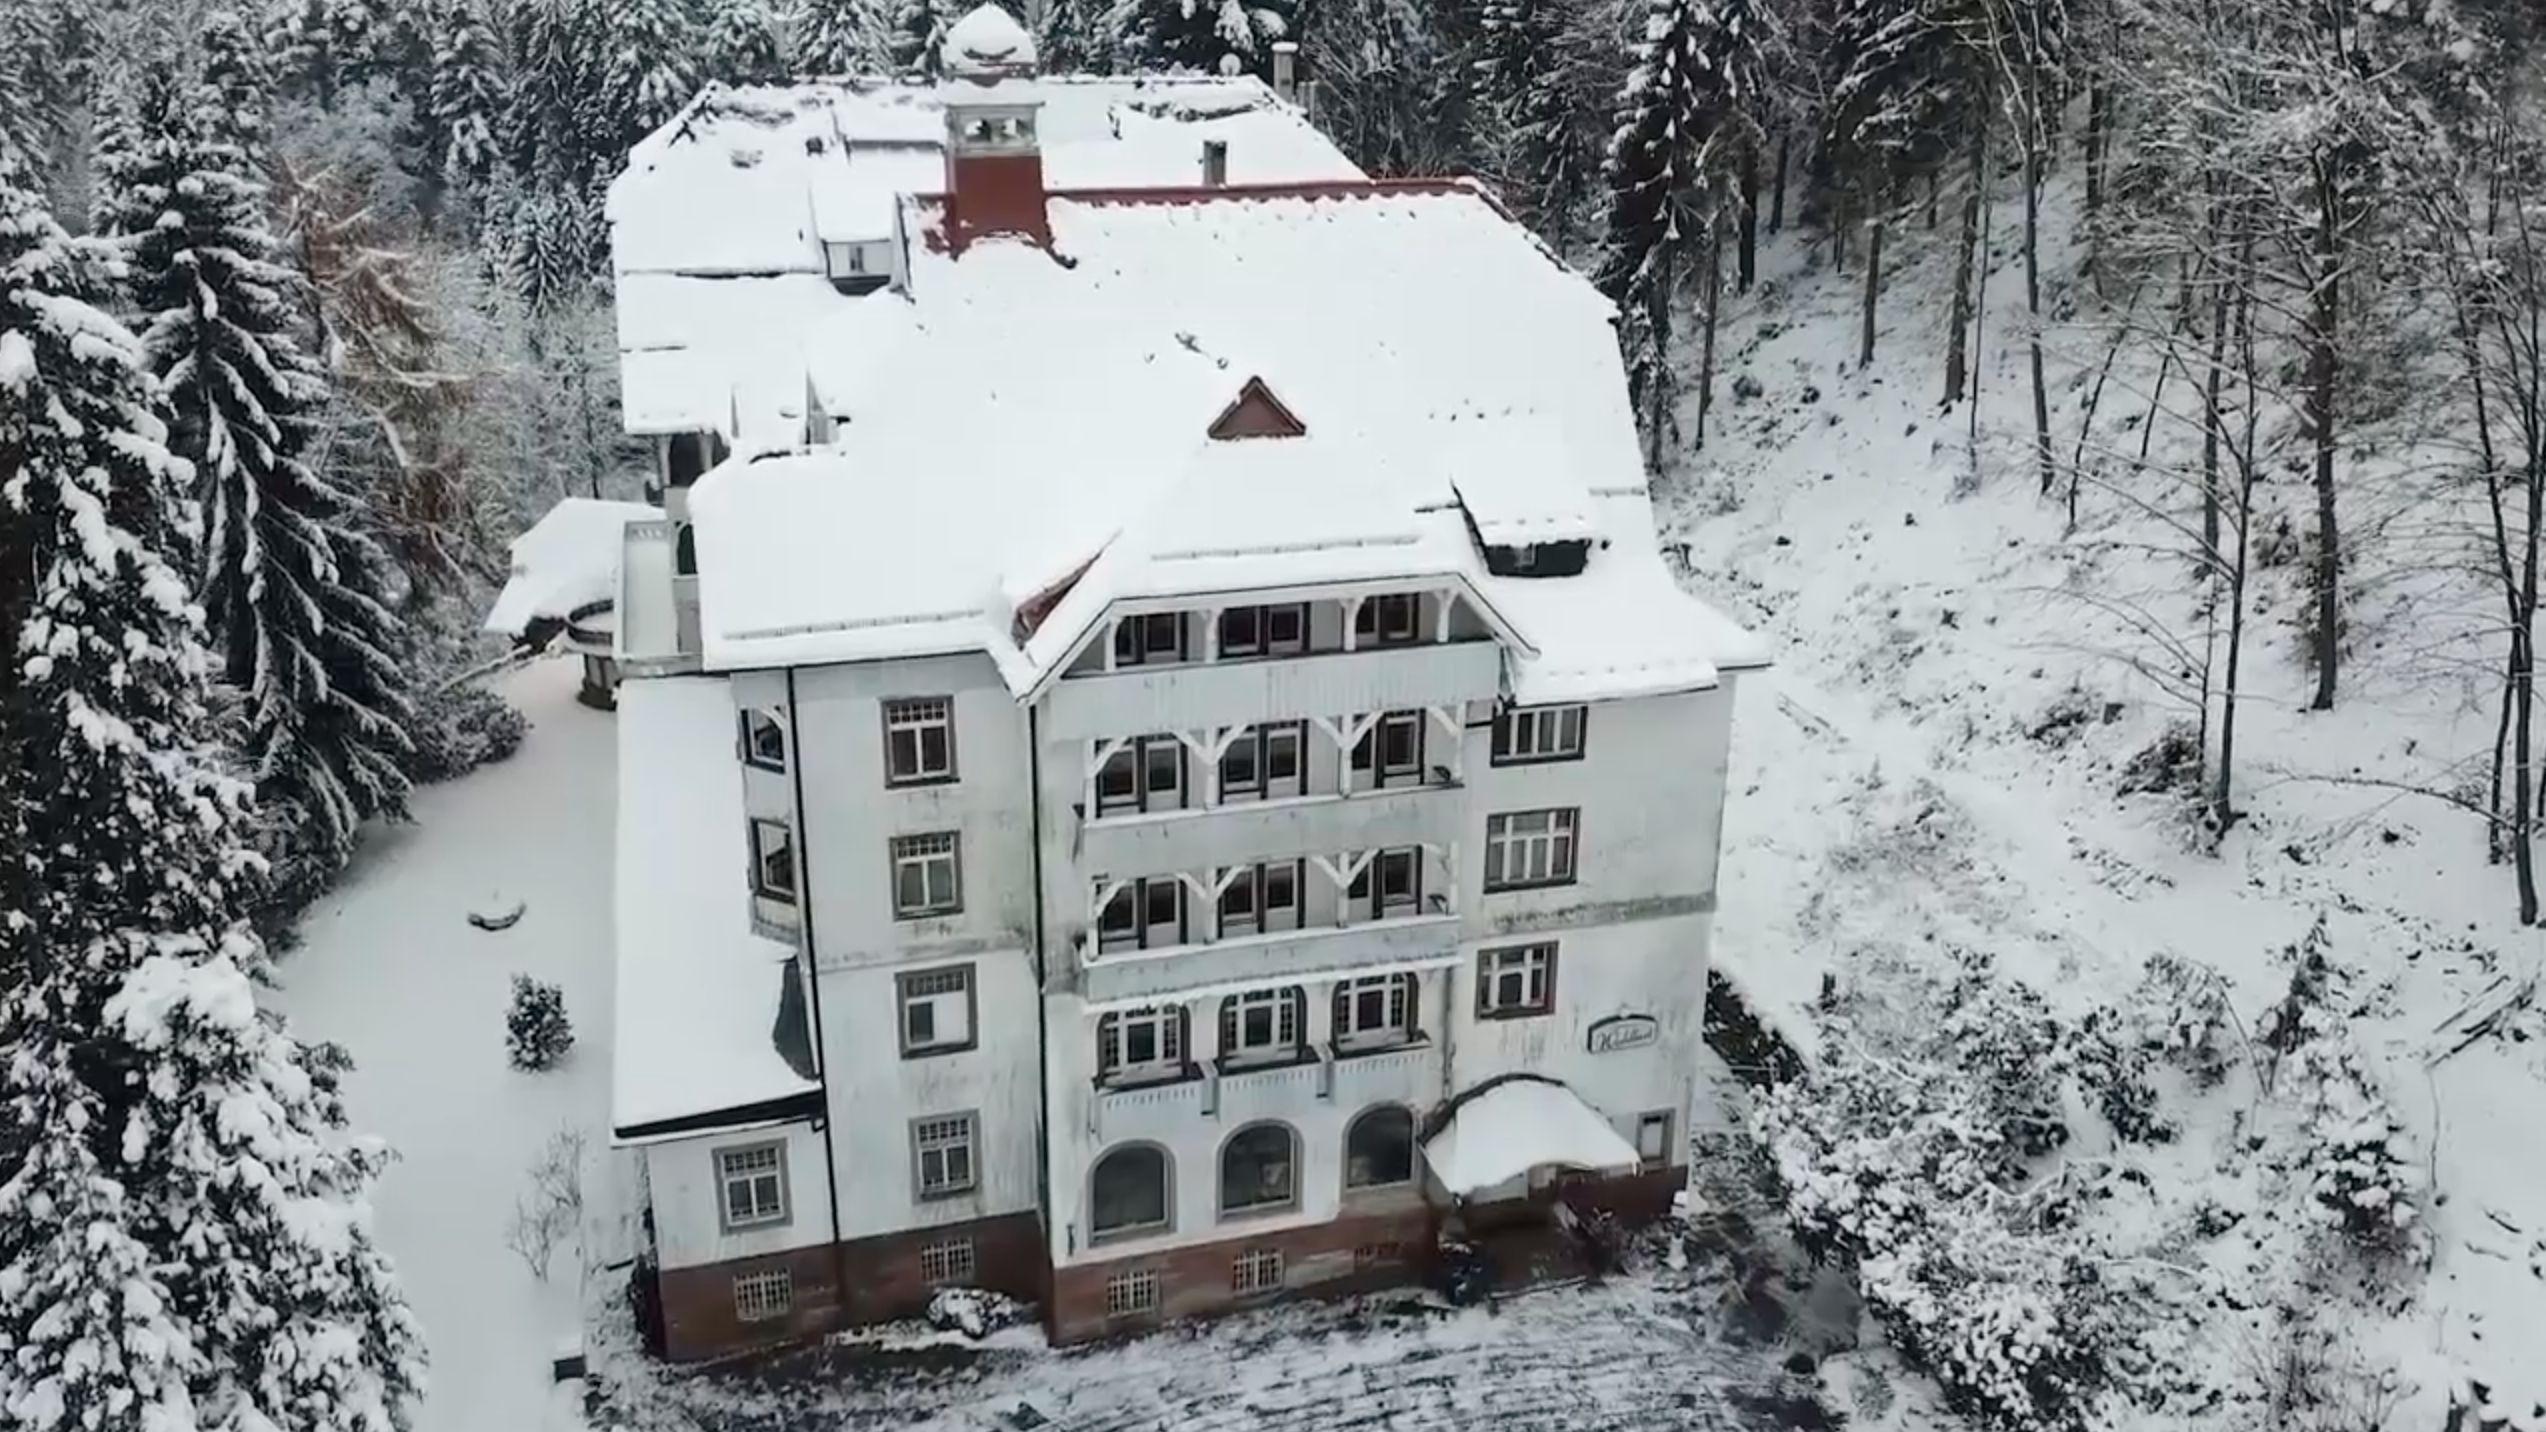 Früher wohnten in dem Hotel Könige – jetzt verbirgt sich hinter der Fassade Gruseliges